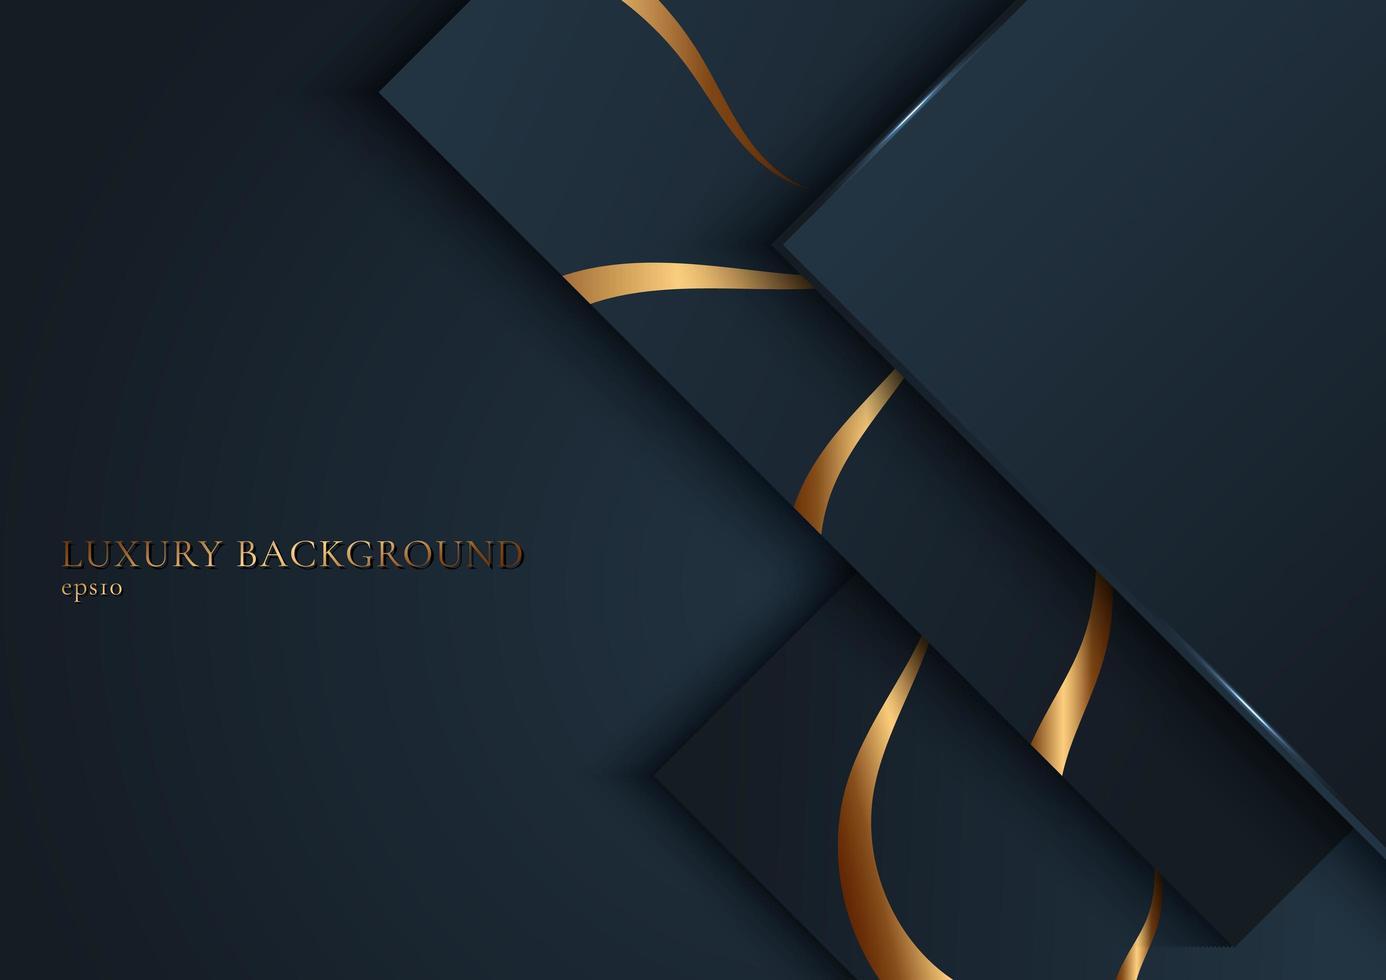 Marine quadratische Form überlappend mit goldenen Streifen gekrümmte Linie vektor